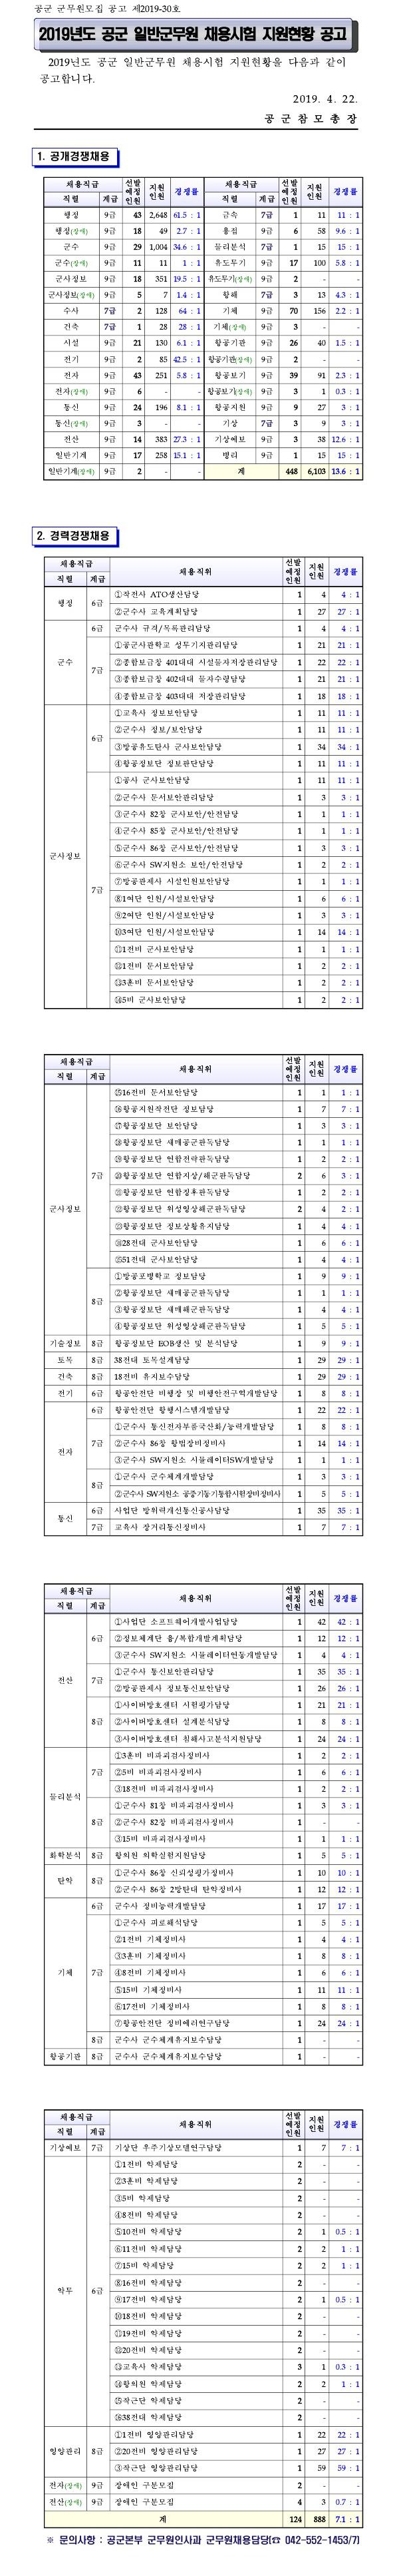 190514_공군_경쟁률.jpg